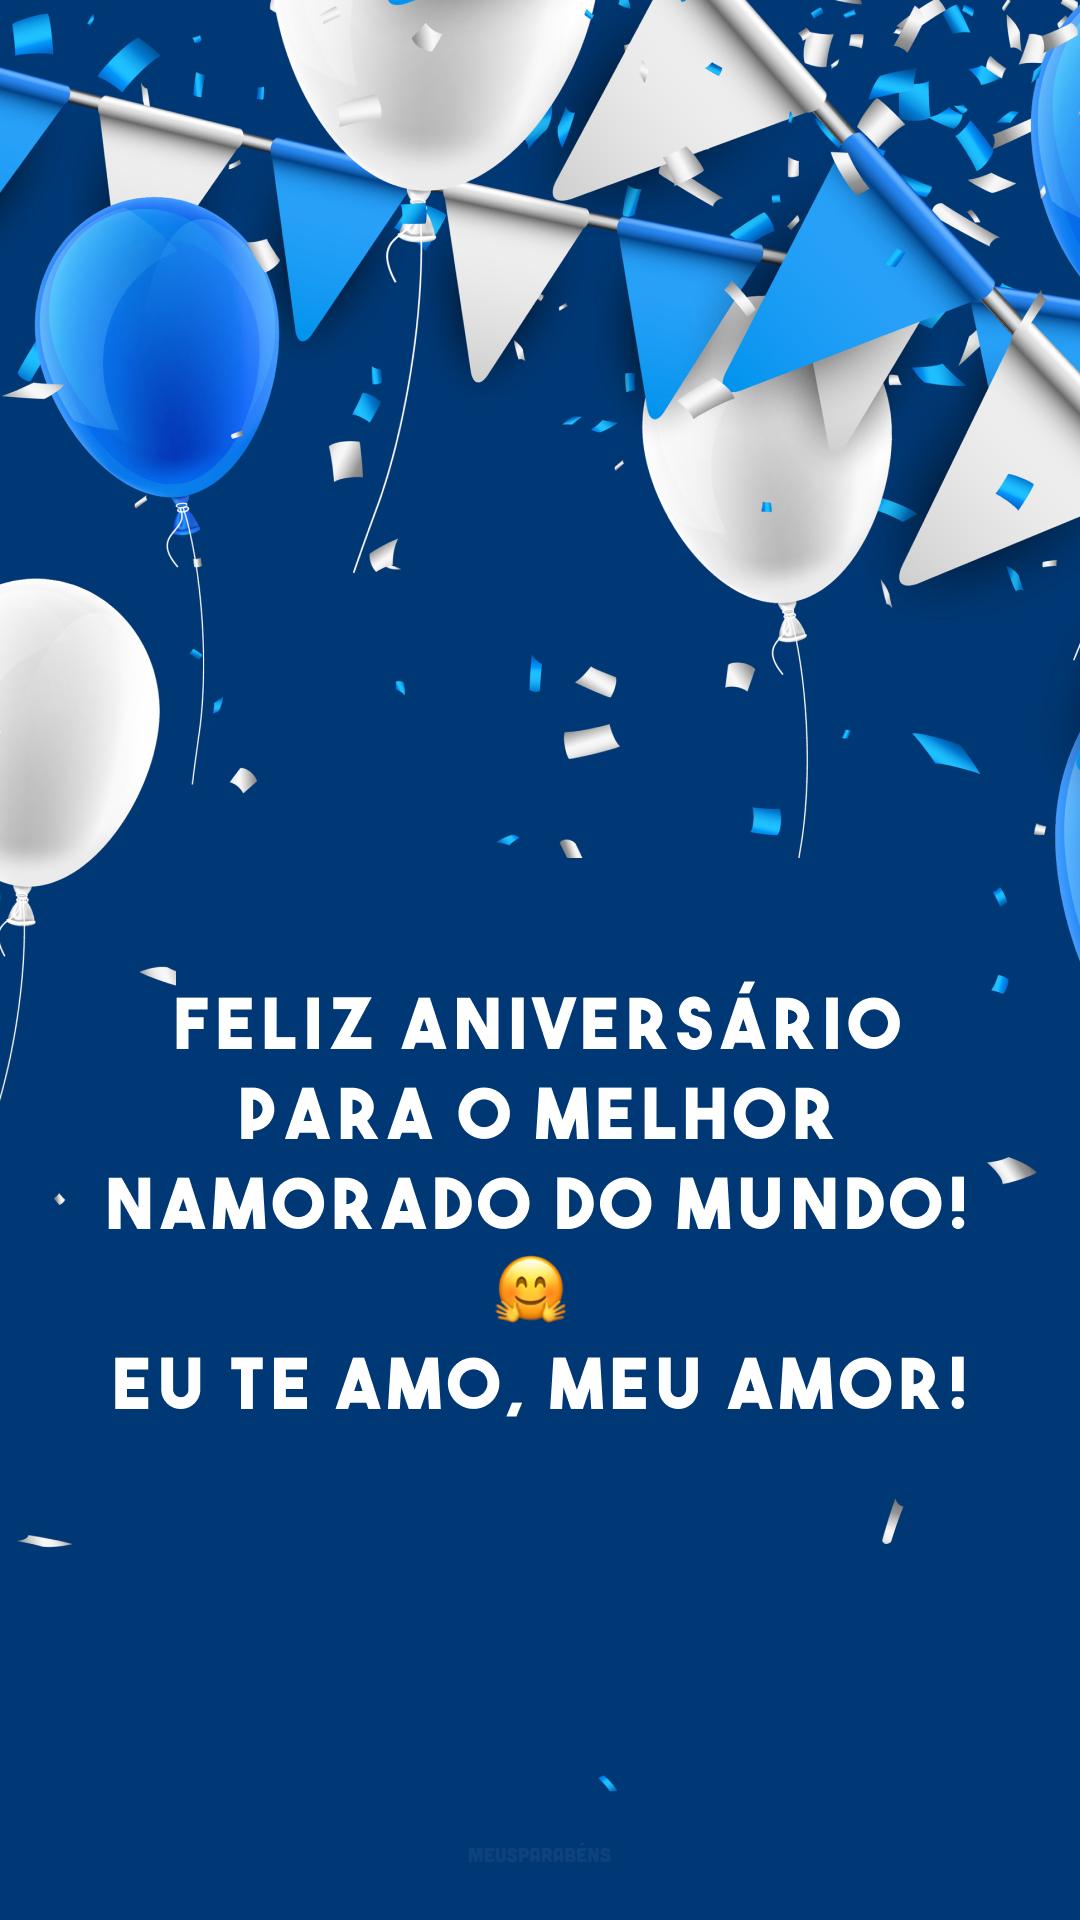 Feliz aniversário para o melhor namorado do mundo! 🤗 Eu te amo, meu amor!